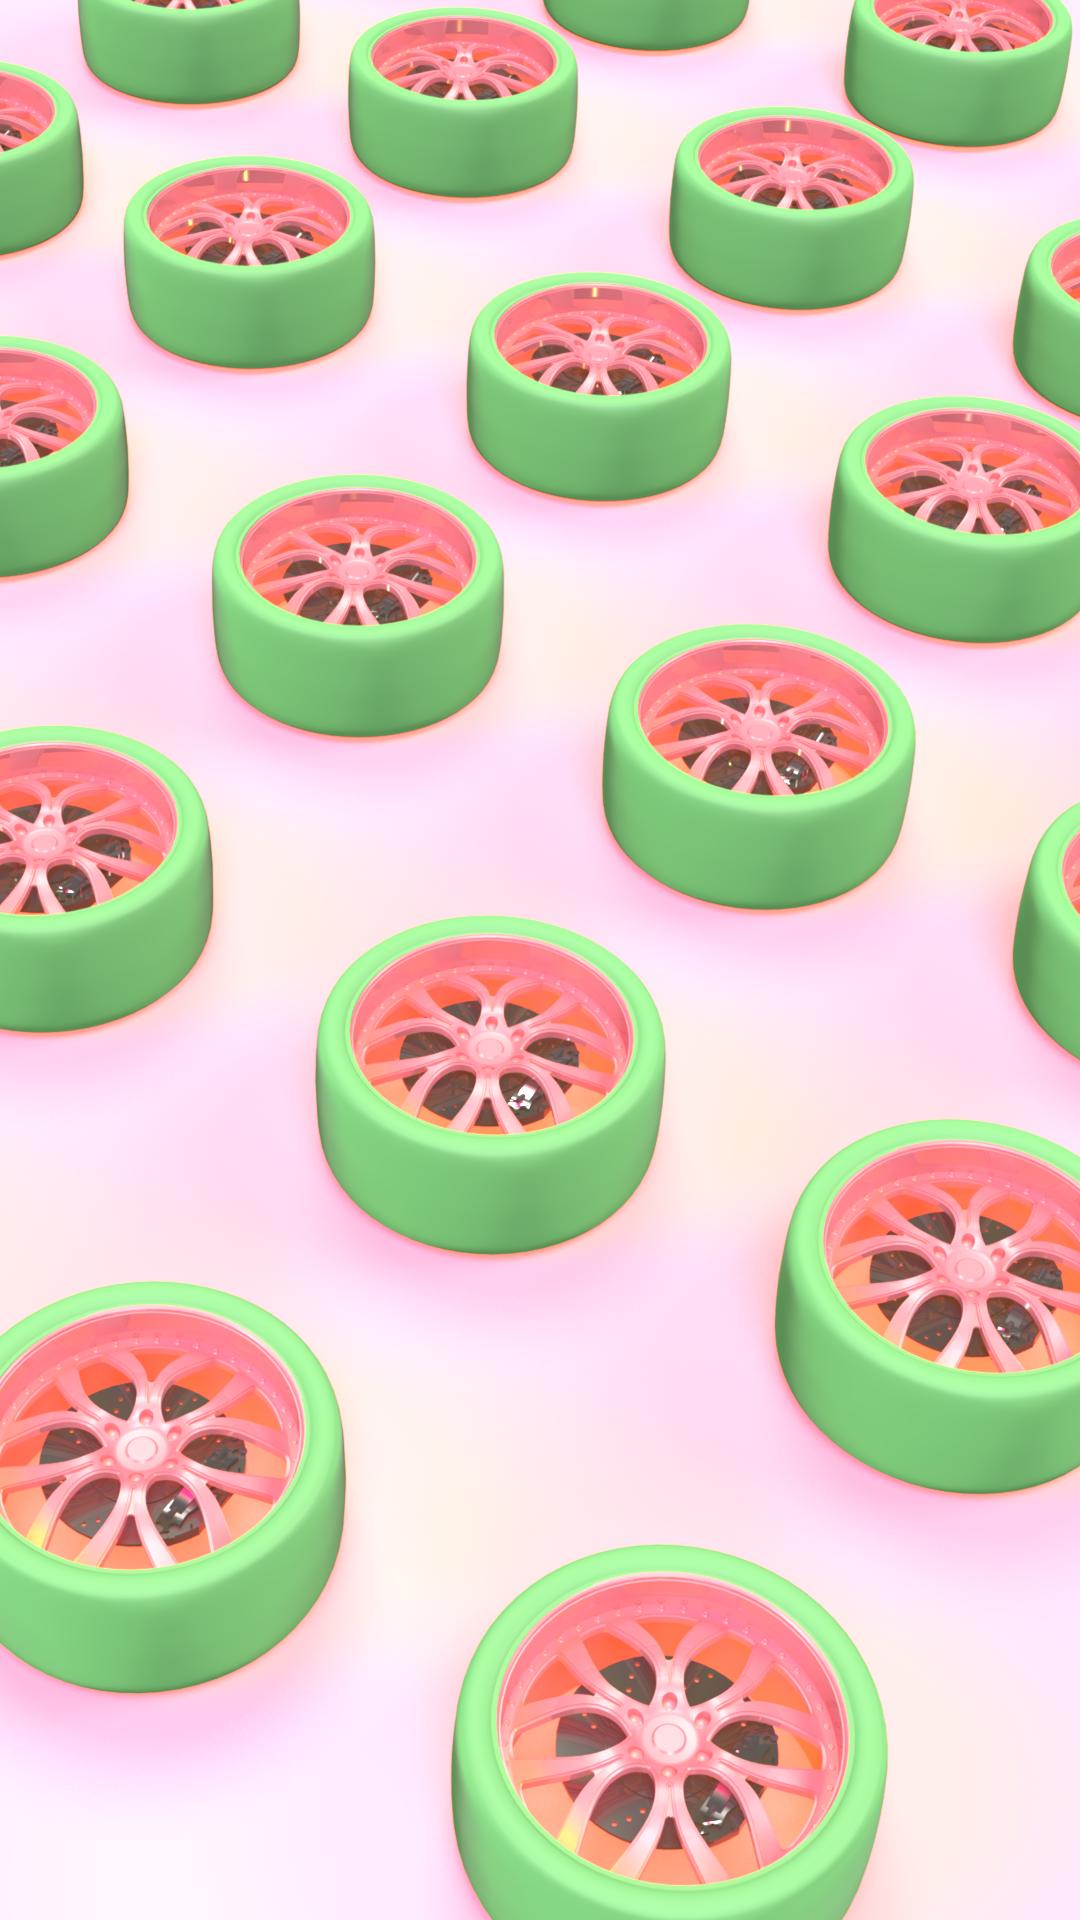 Rubbermelon.png